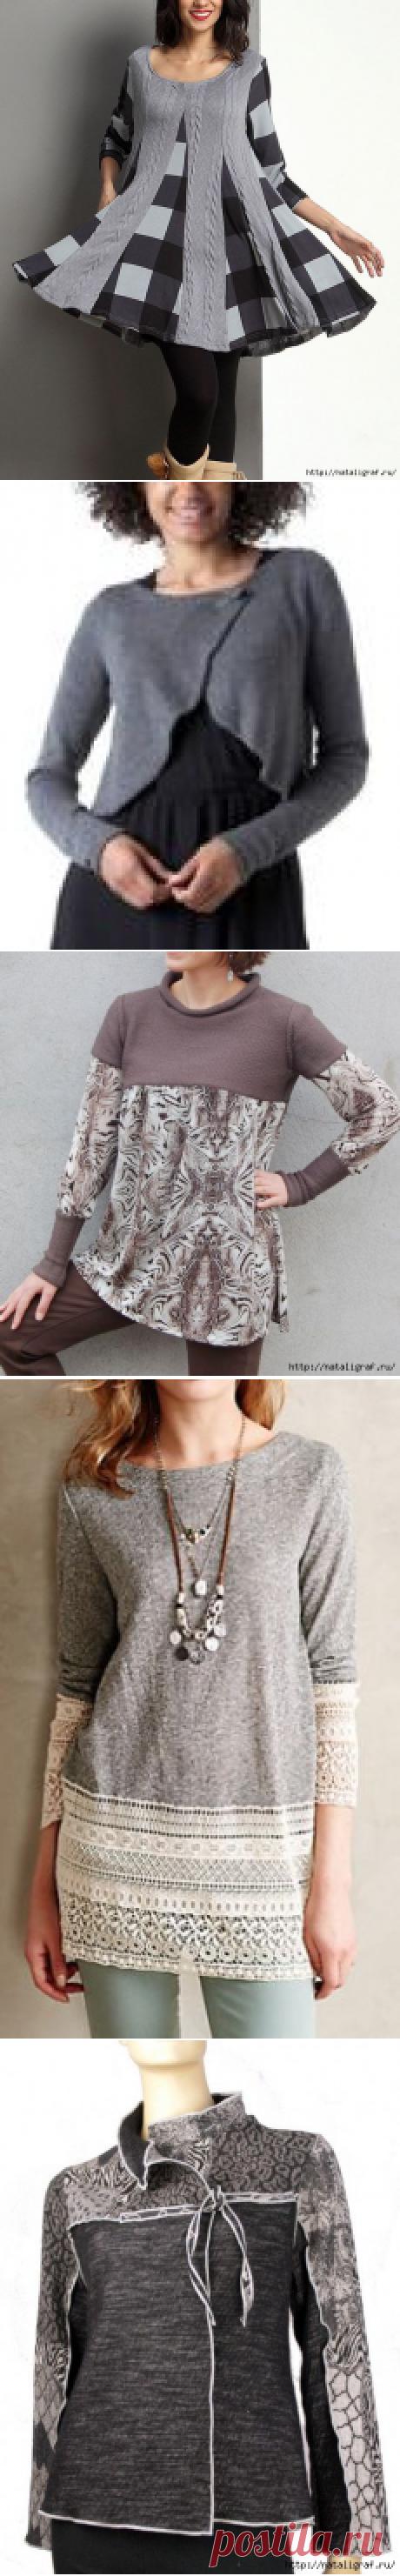 Из старого свитера|футболки